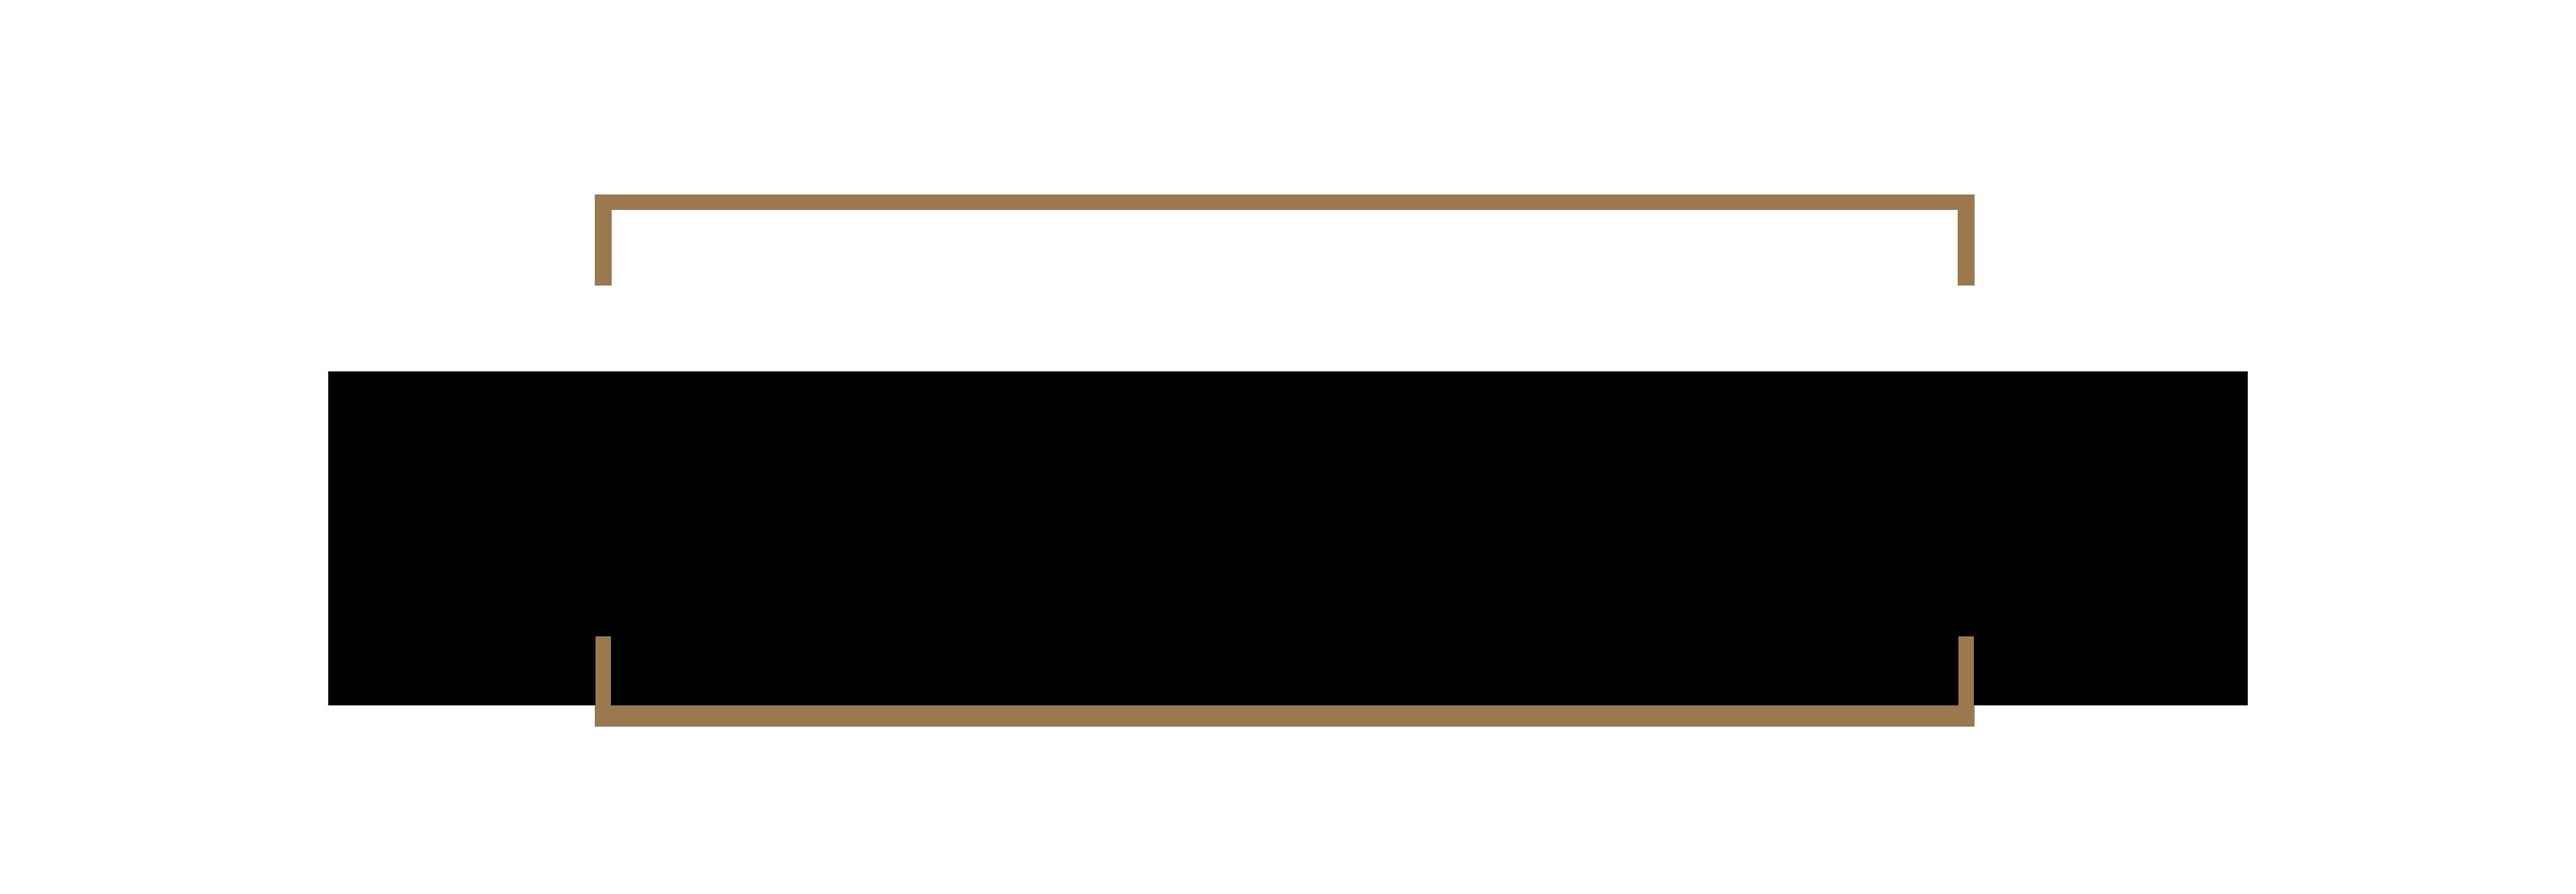 shaadiga logo